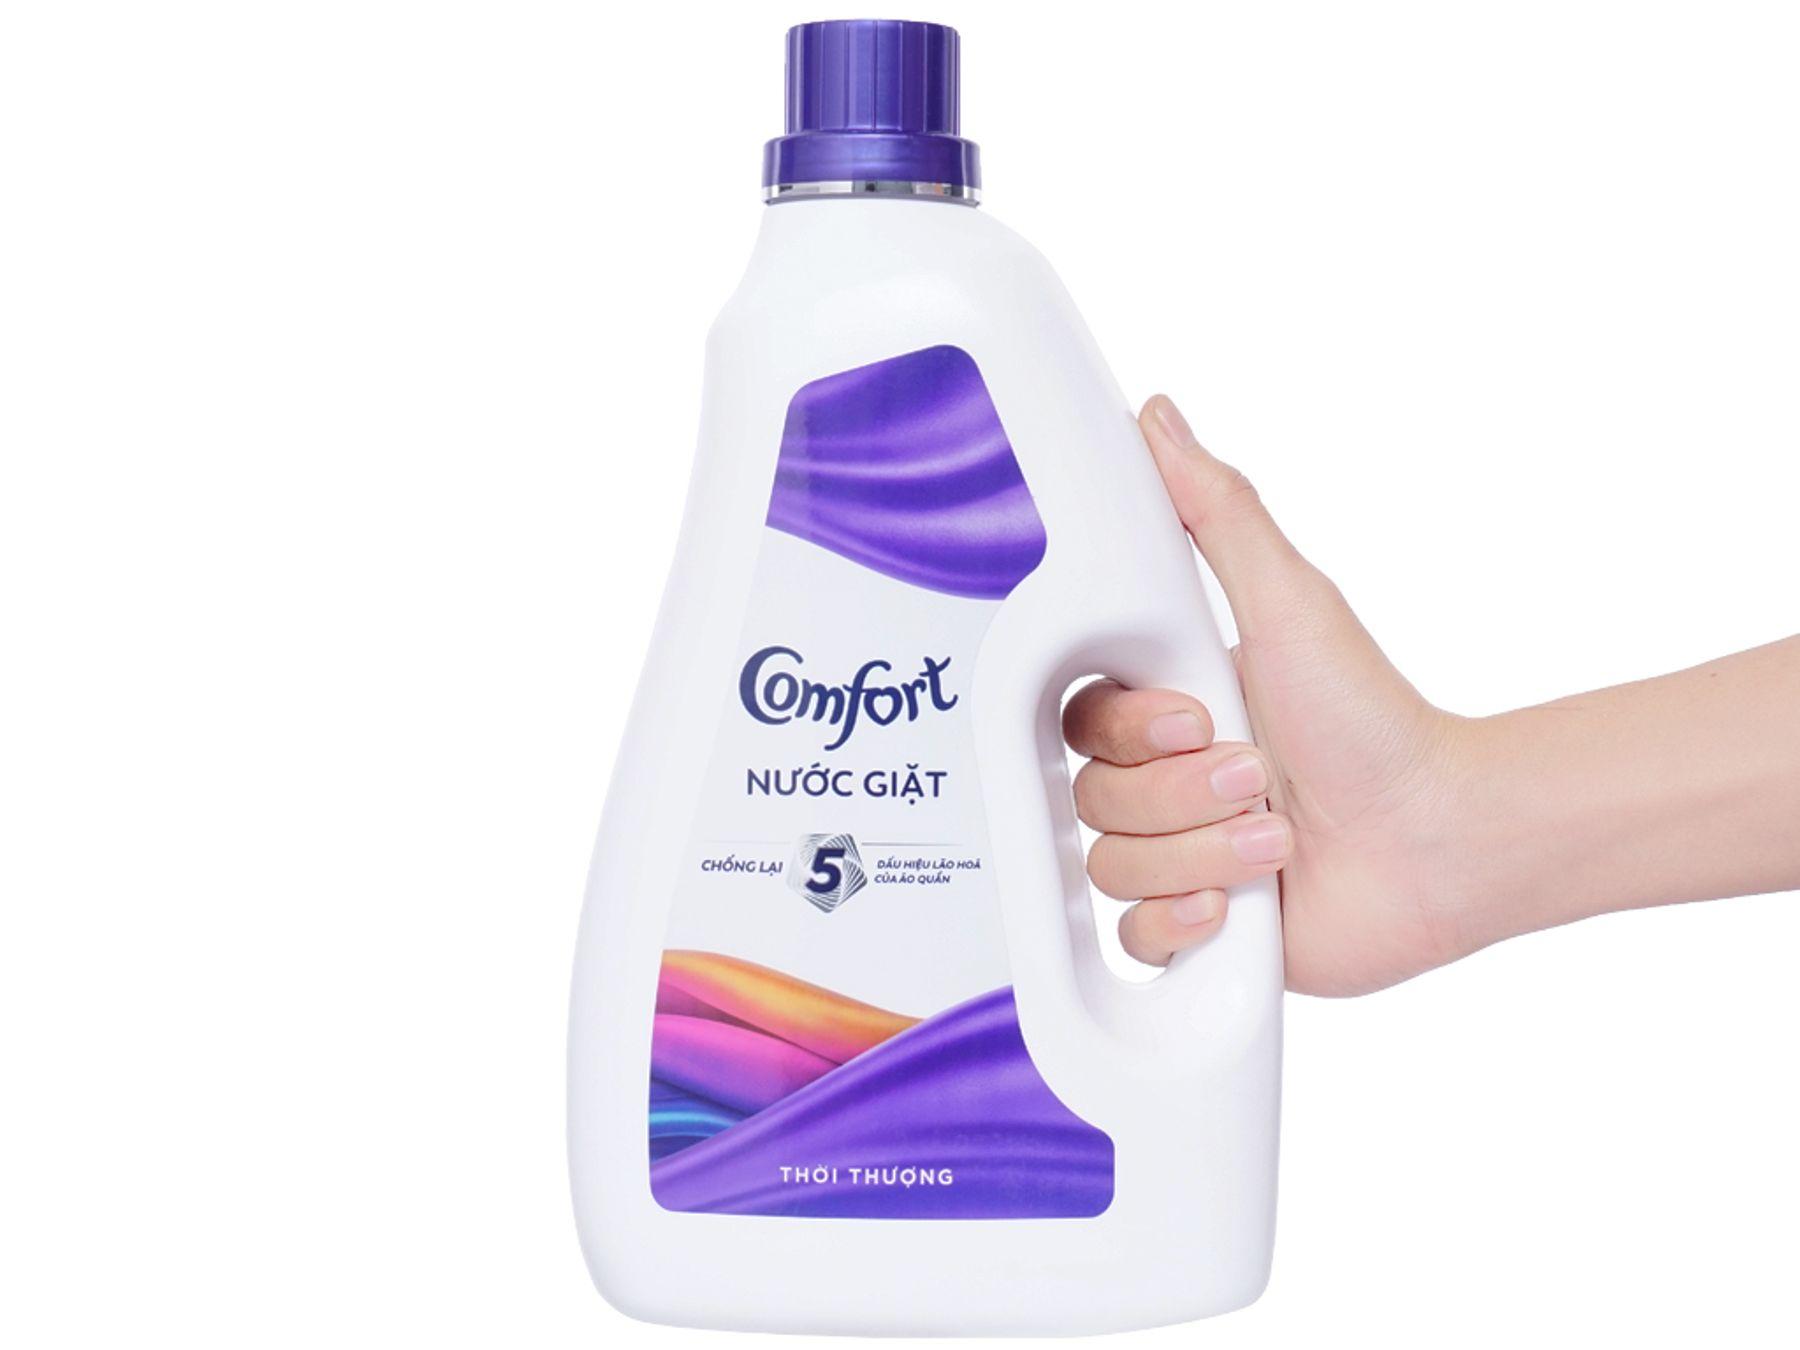 Nước giặt Comfort